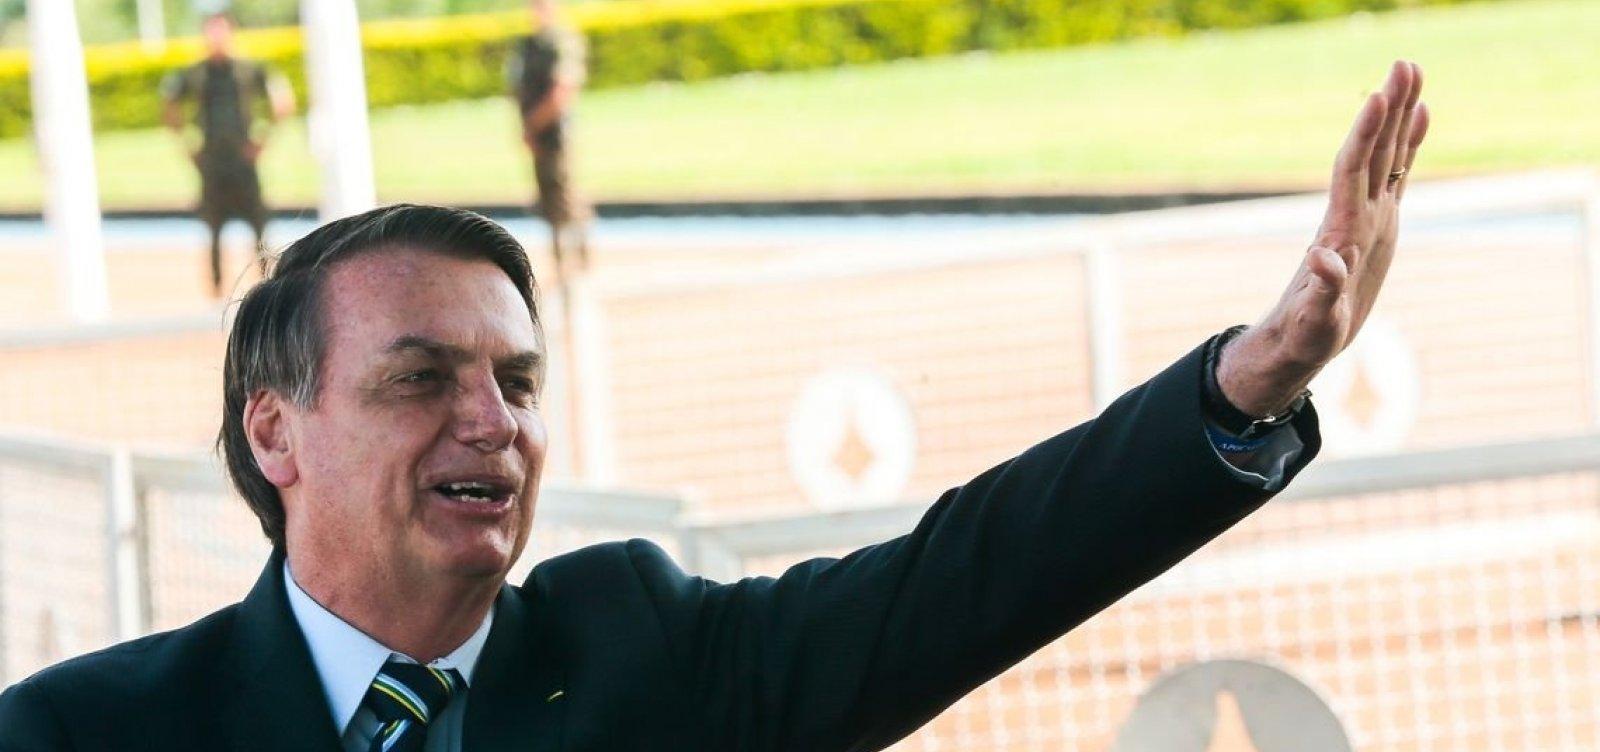 ['Cultura tem que estar de acordo com a maioria da população', diz Bolsonaro sobre chefe da Fundação Palmares]